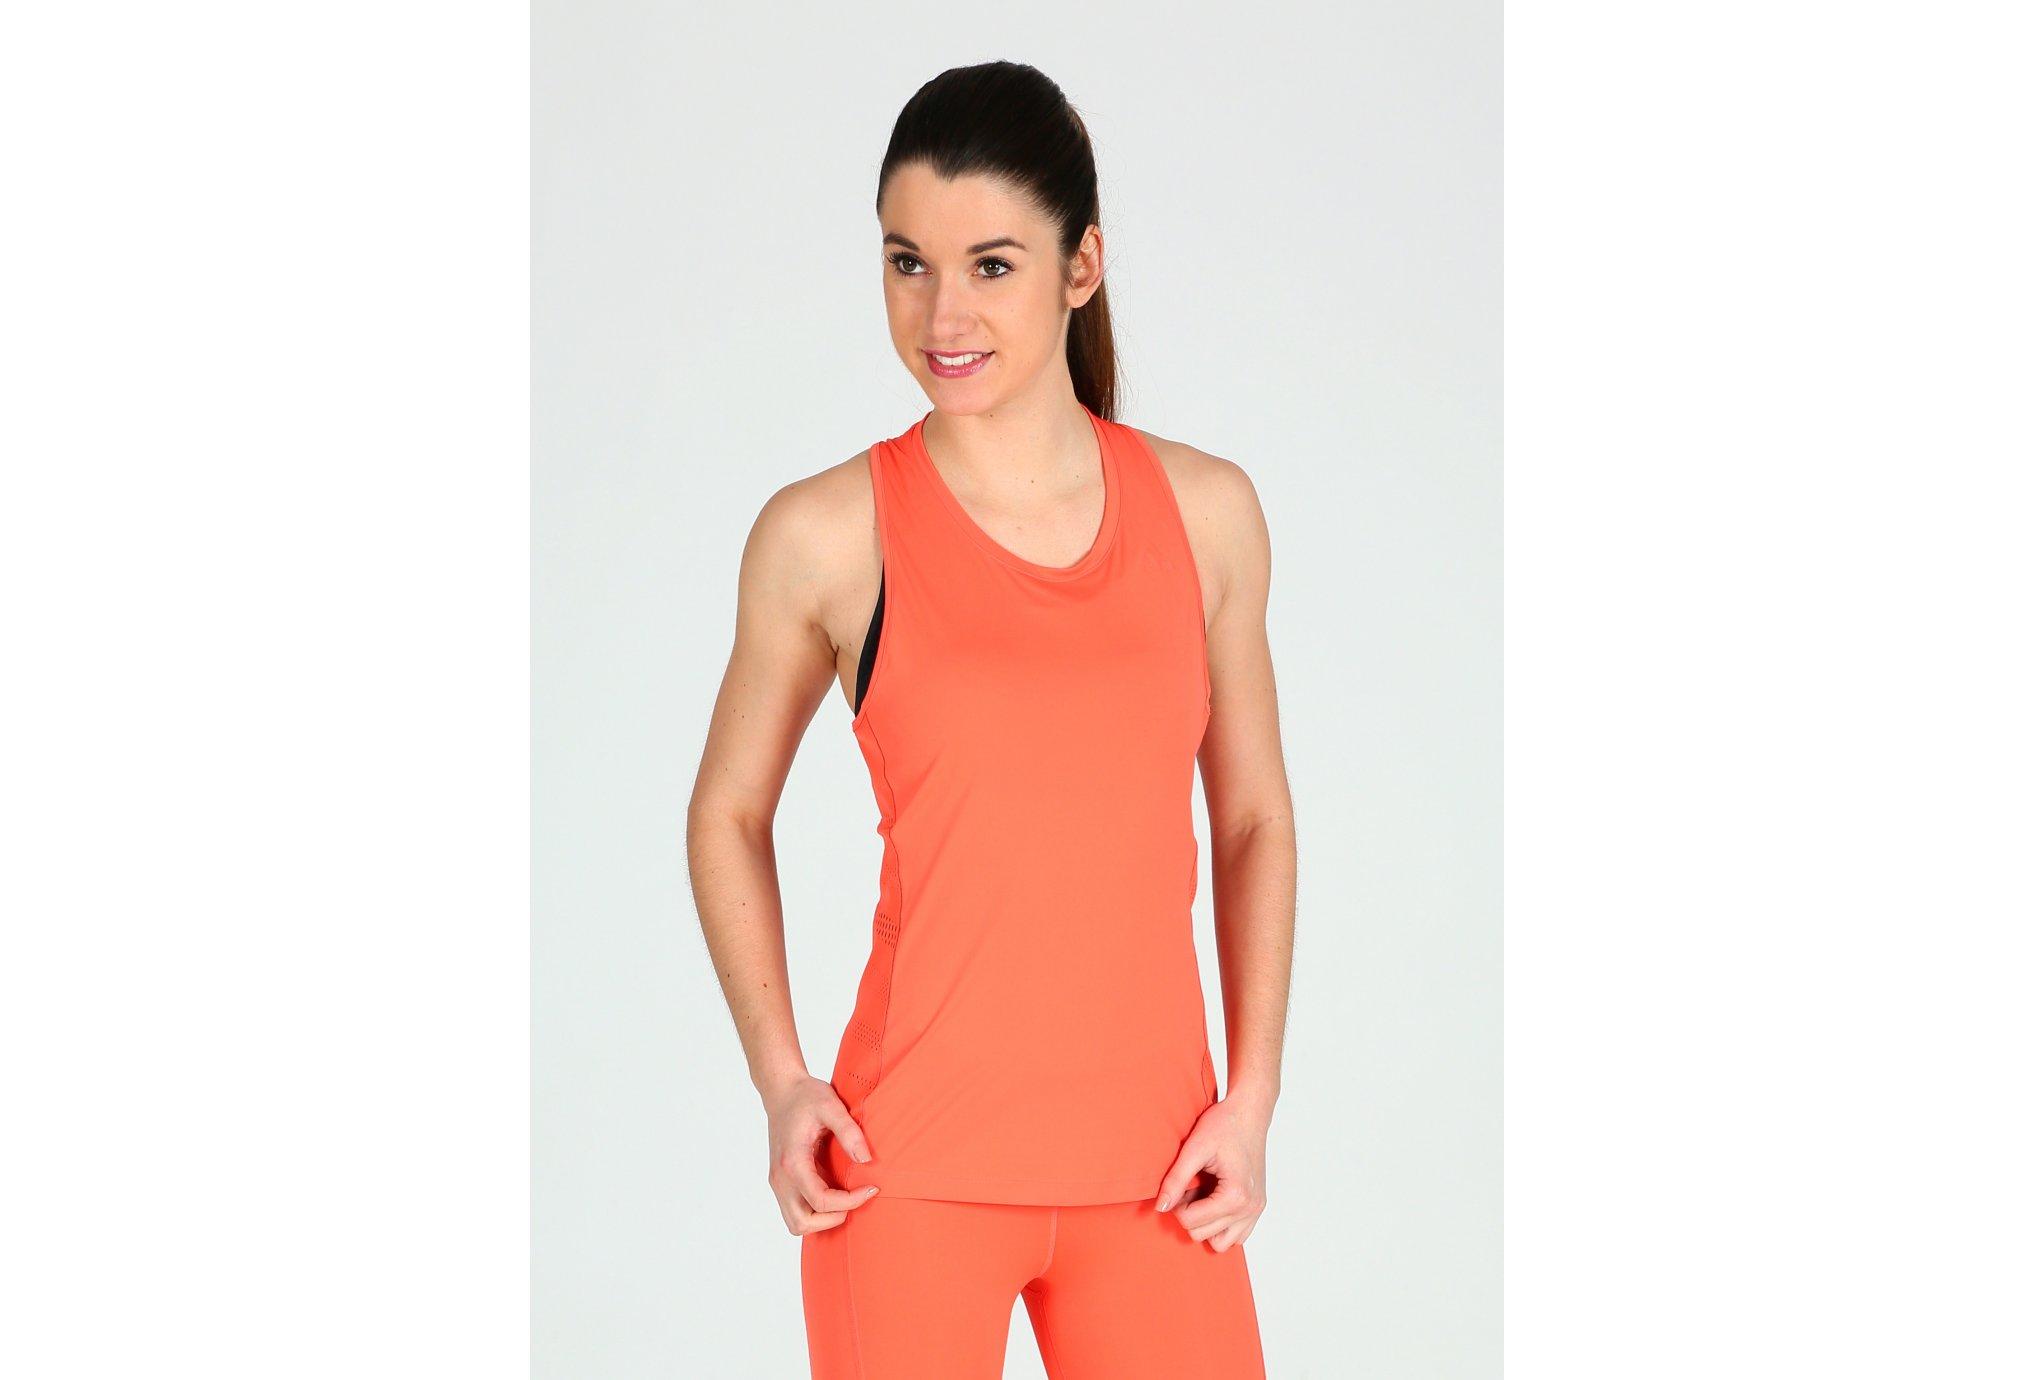 Adidas Supernova tko tank w vêtement running femme